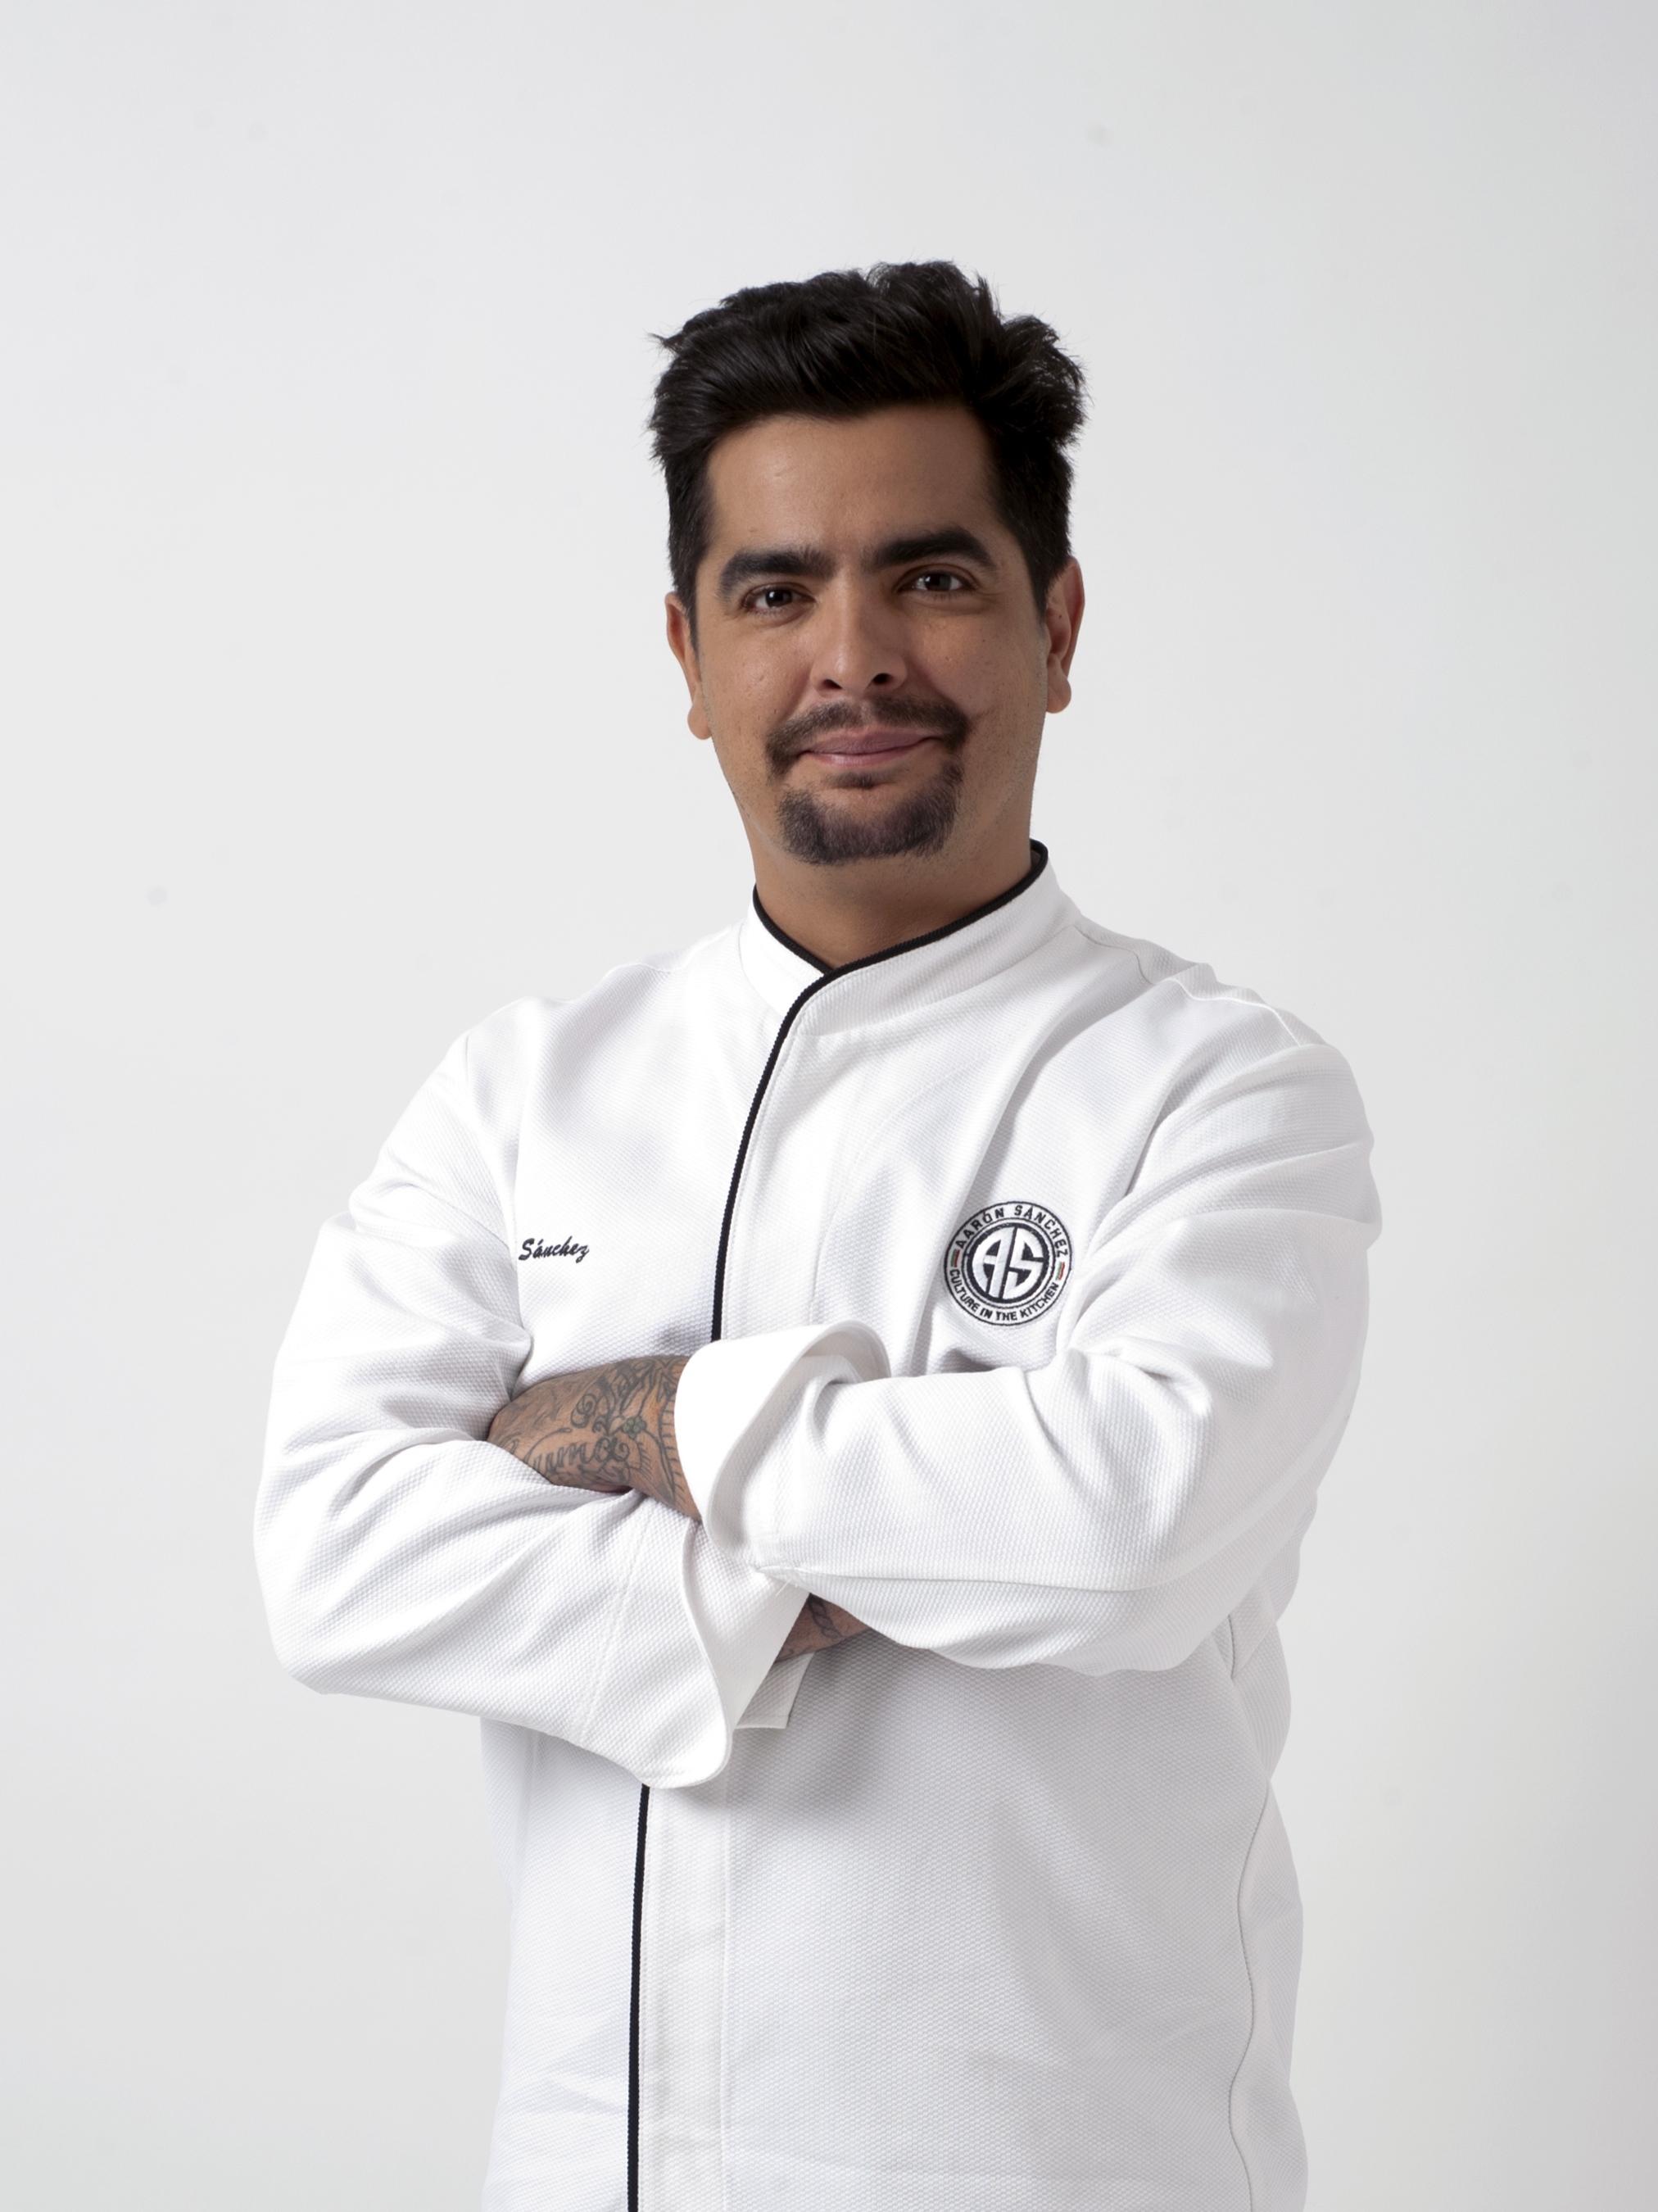 Aarón Sánchez - IMDb